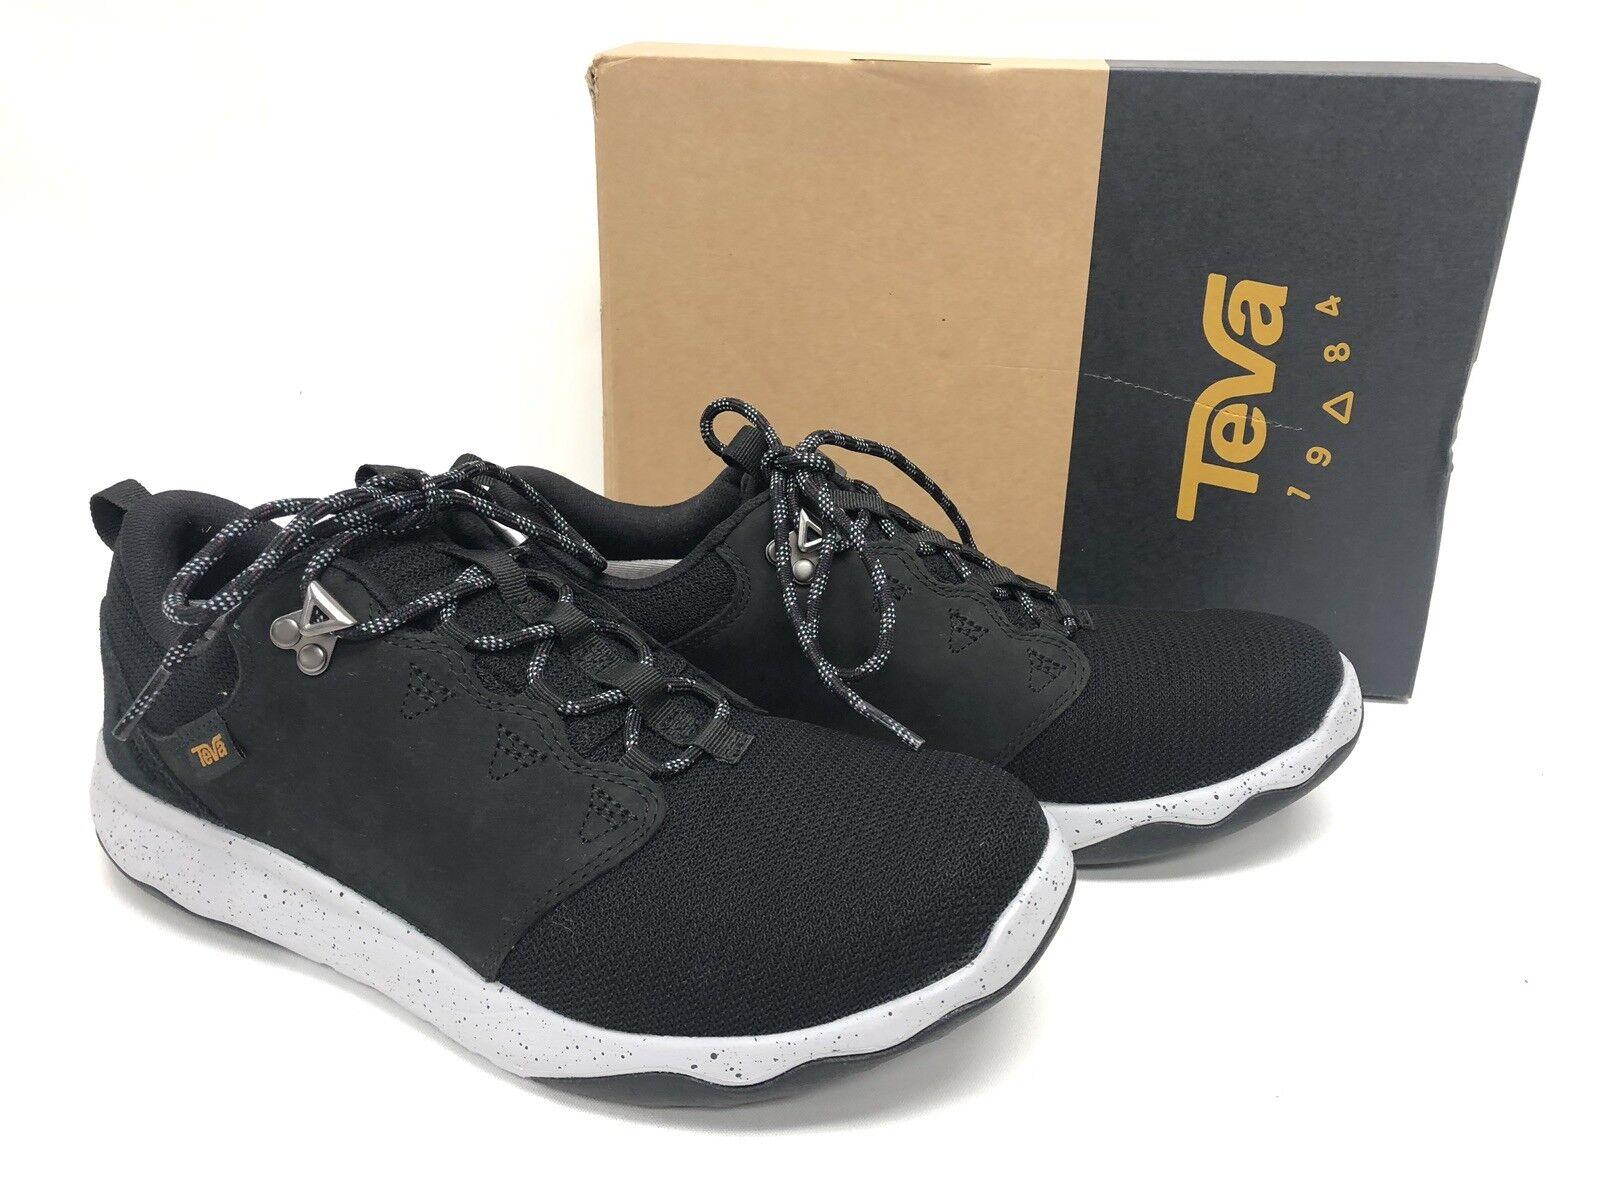 buona reputazione Teva donna ARROWOOD WP nero 1012450 Casual Lace Up Up Up Sport scarpe da ginnastica Trail avvio  per poco costoso